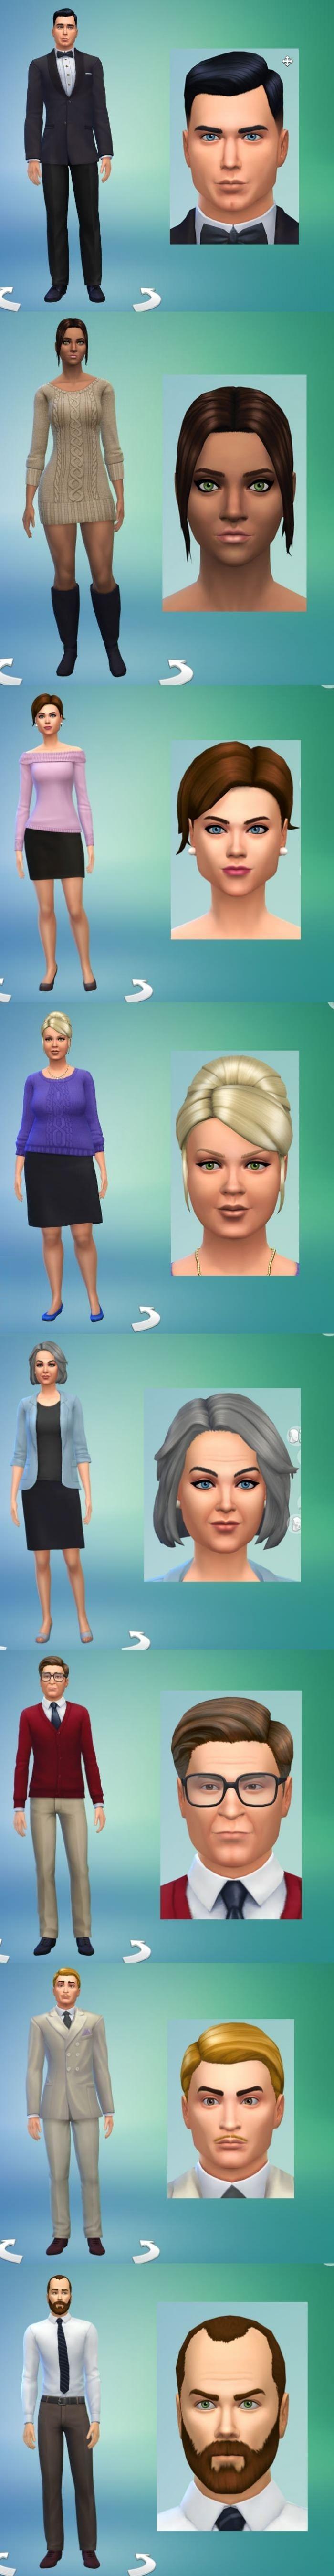 Sims 4 Archer cast